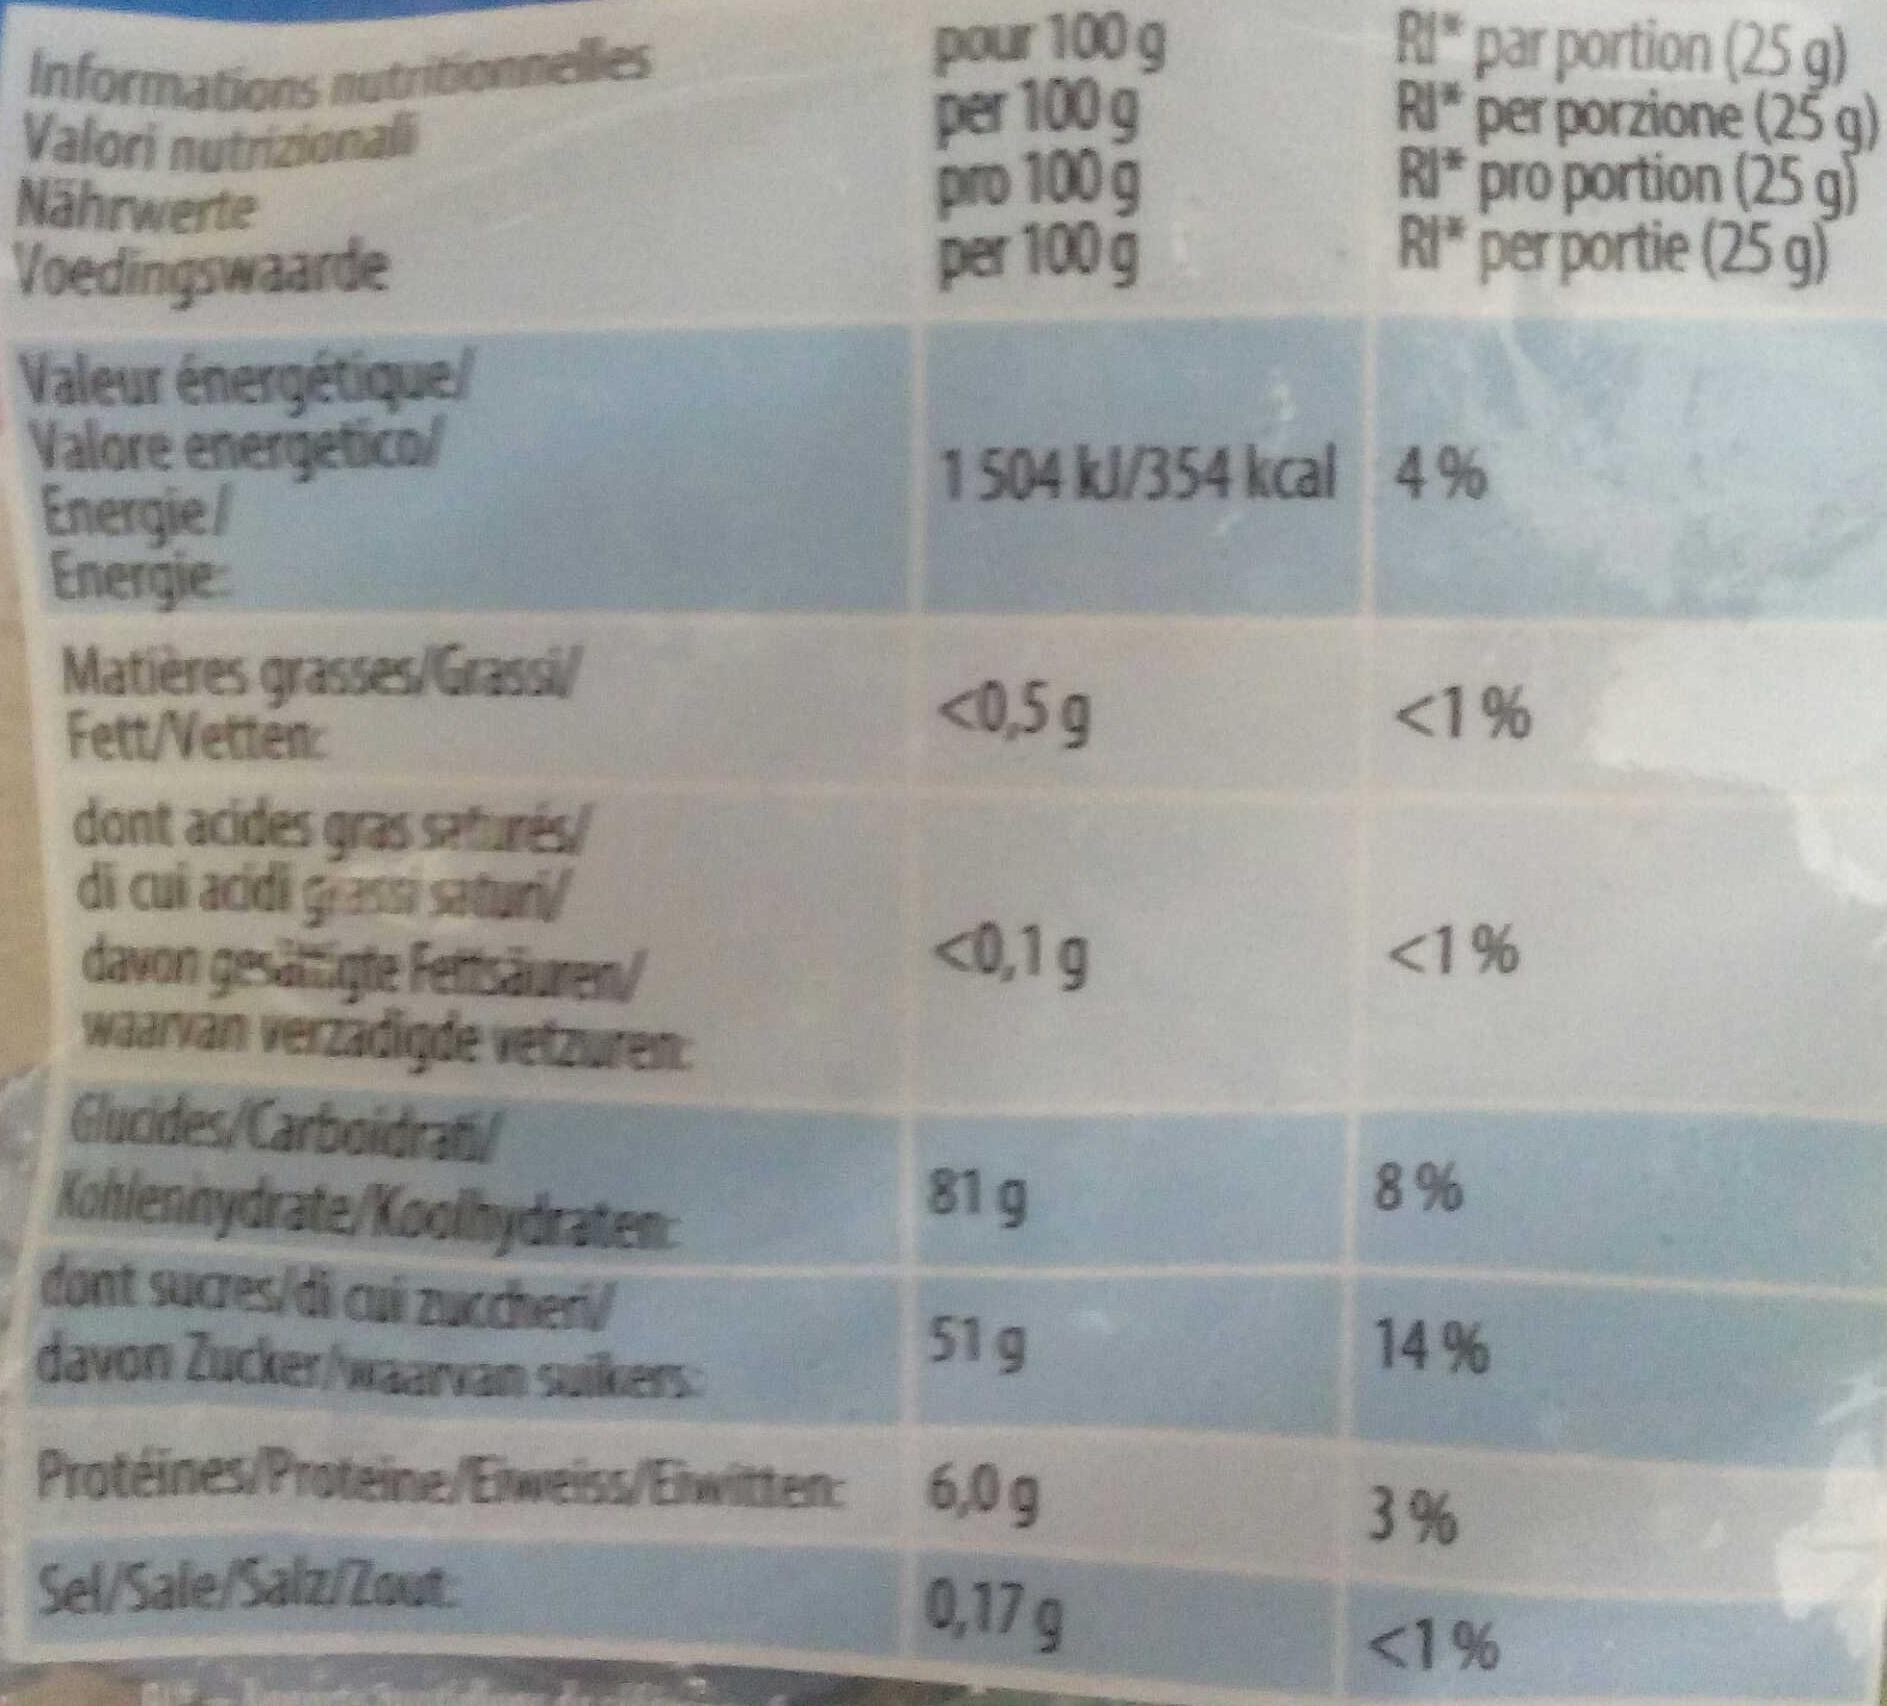 Schtroumpfs pik 275g - Informations nutritionnelles - fr